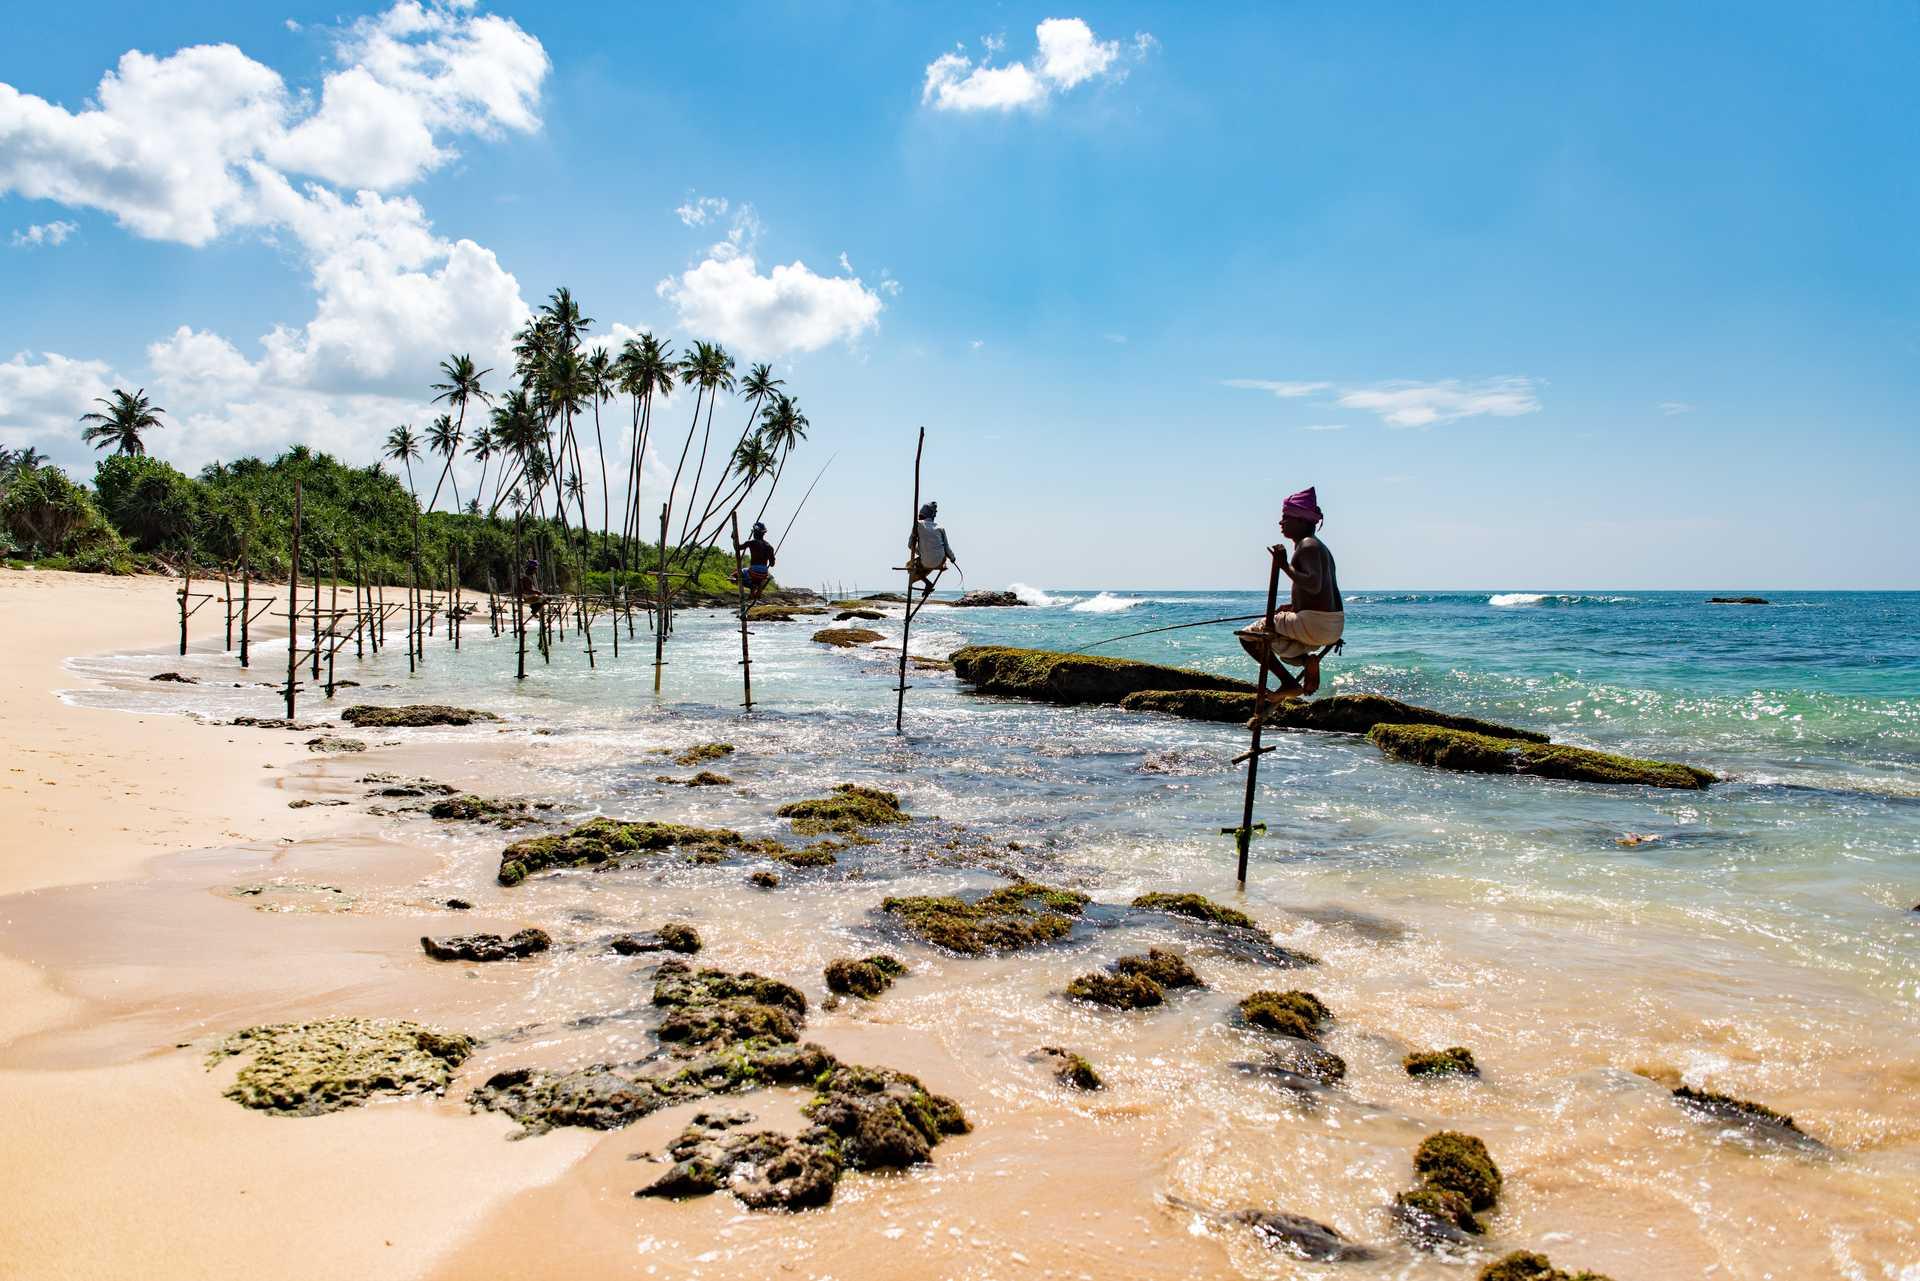 Les pêcheurs sur la côte sud du Sri Lanka